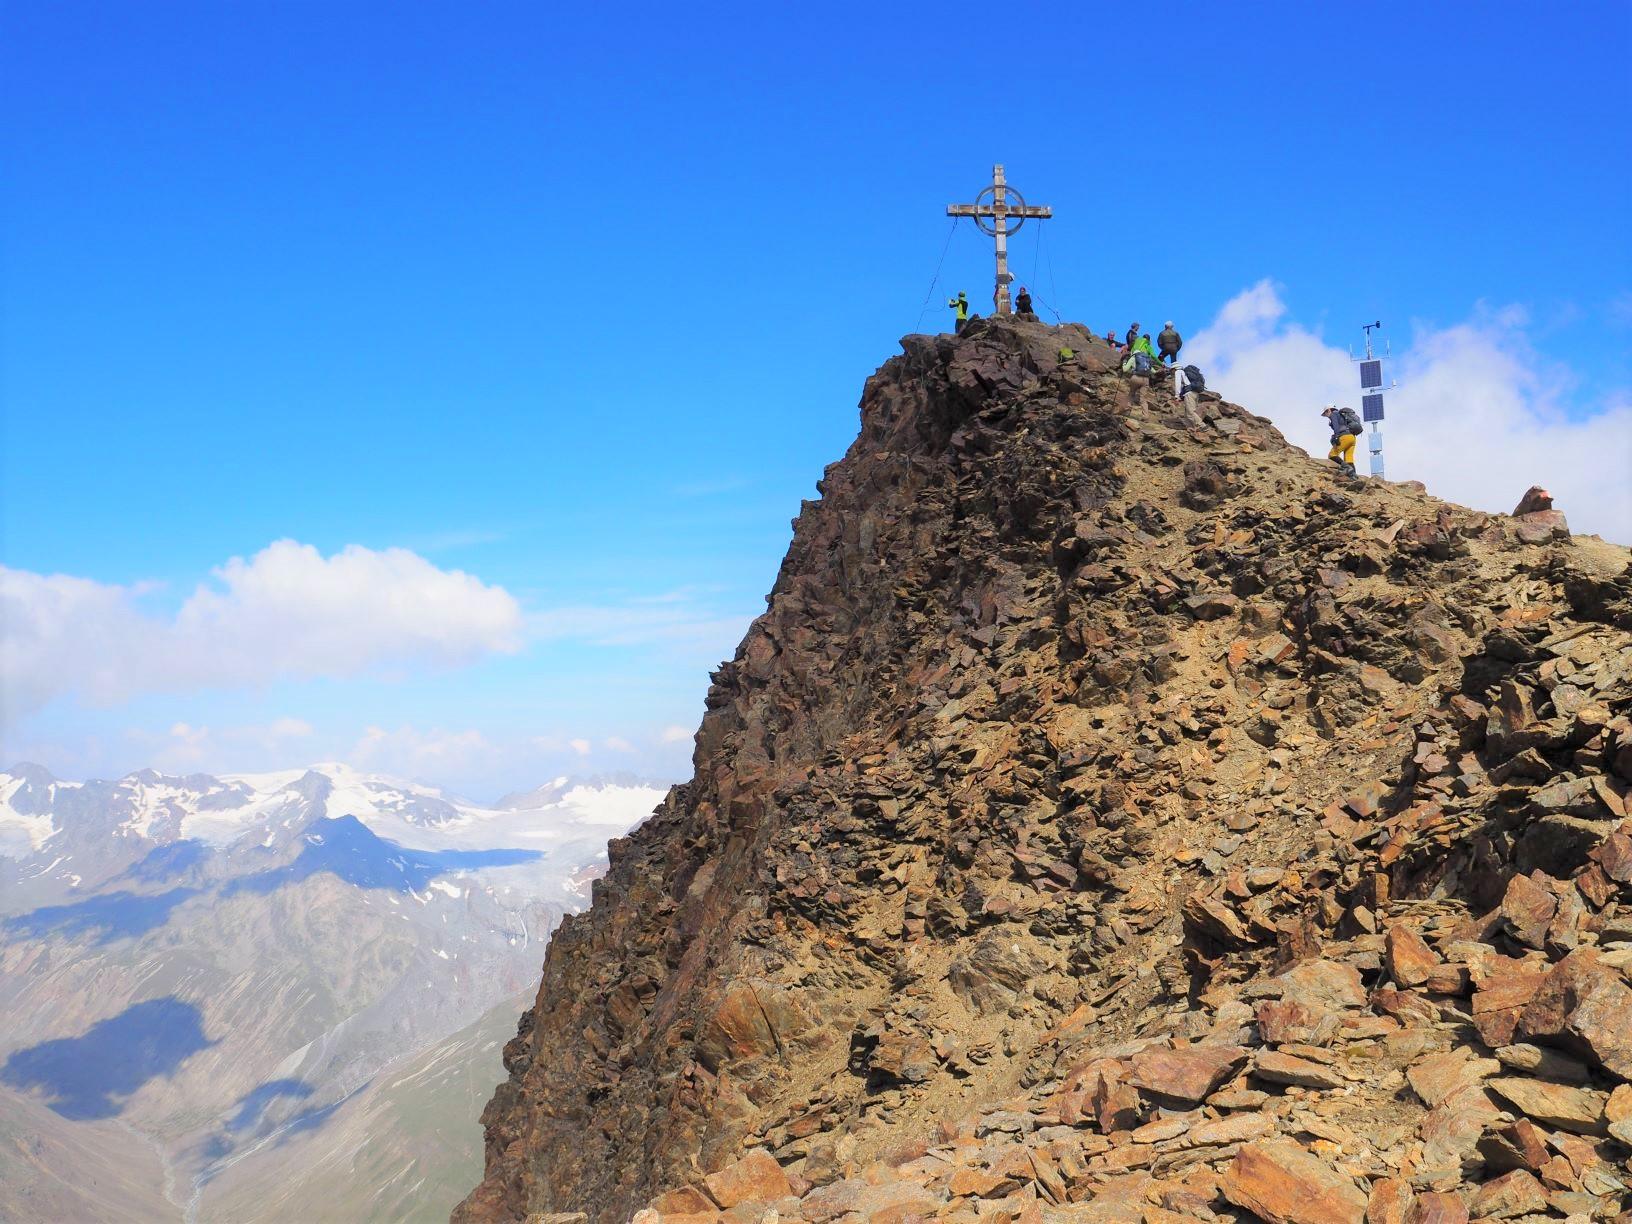 クロイツシュピッツェ(3,455m)山頂に向かって一歩一歩登る(4日目)